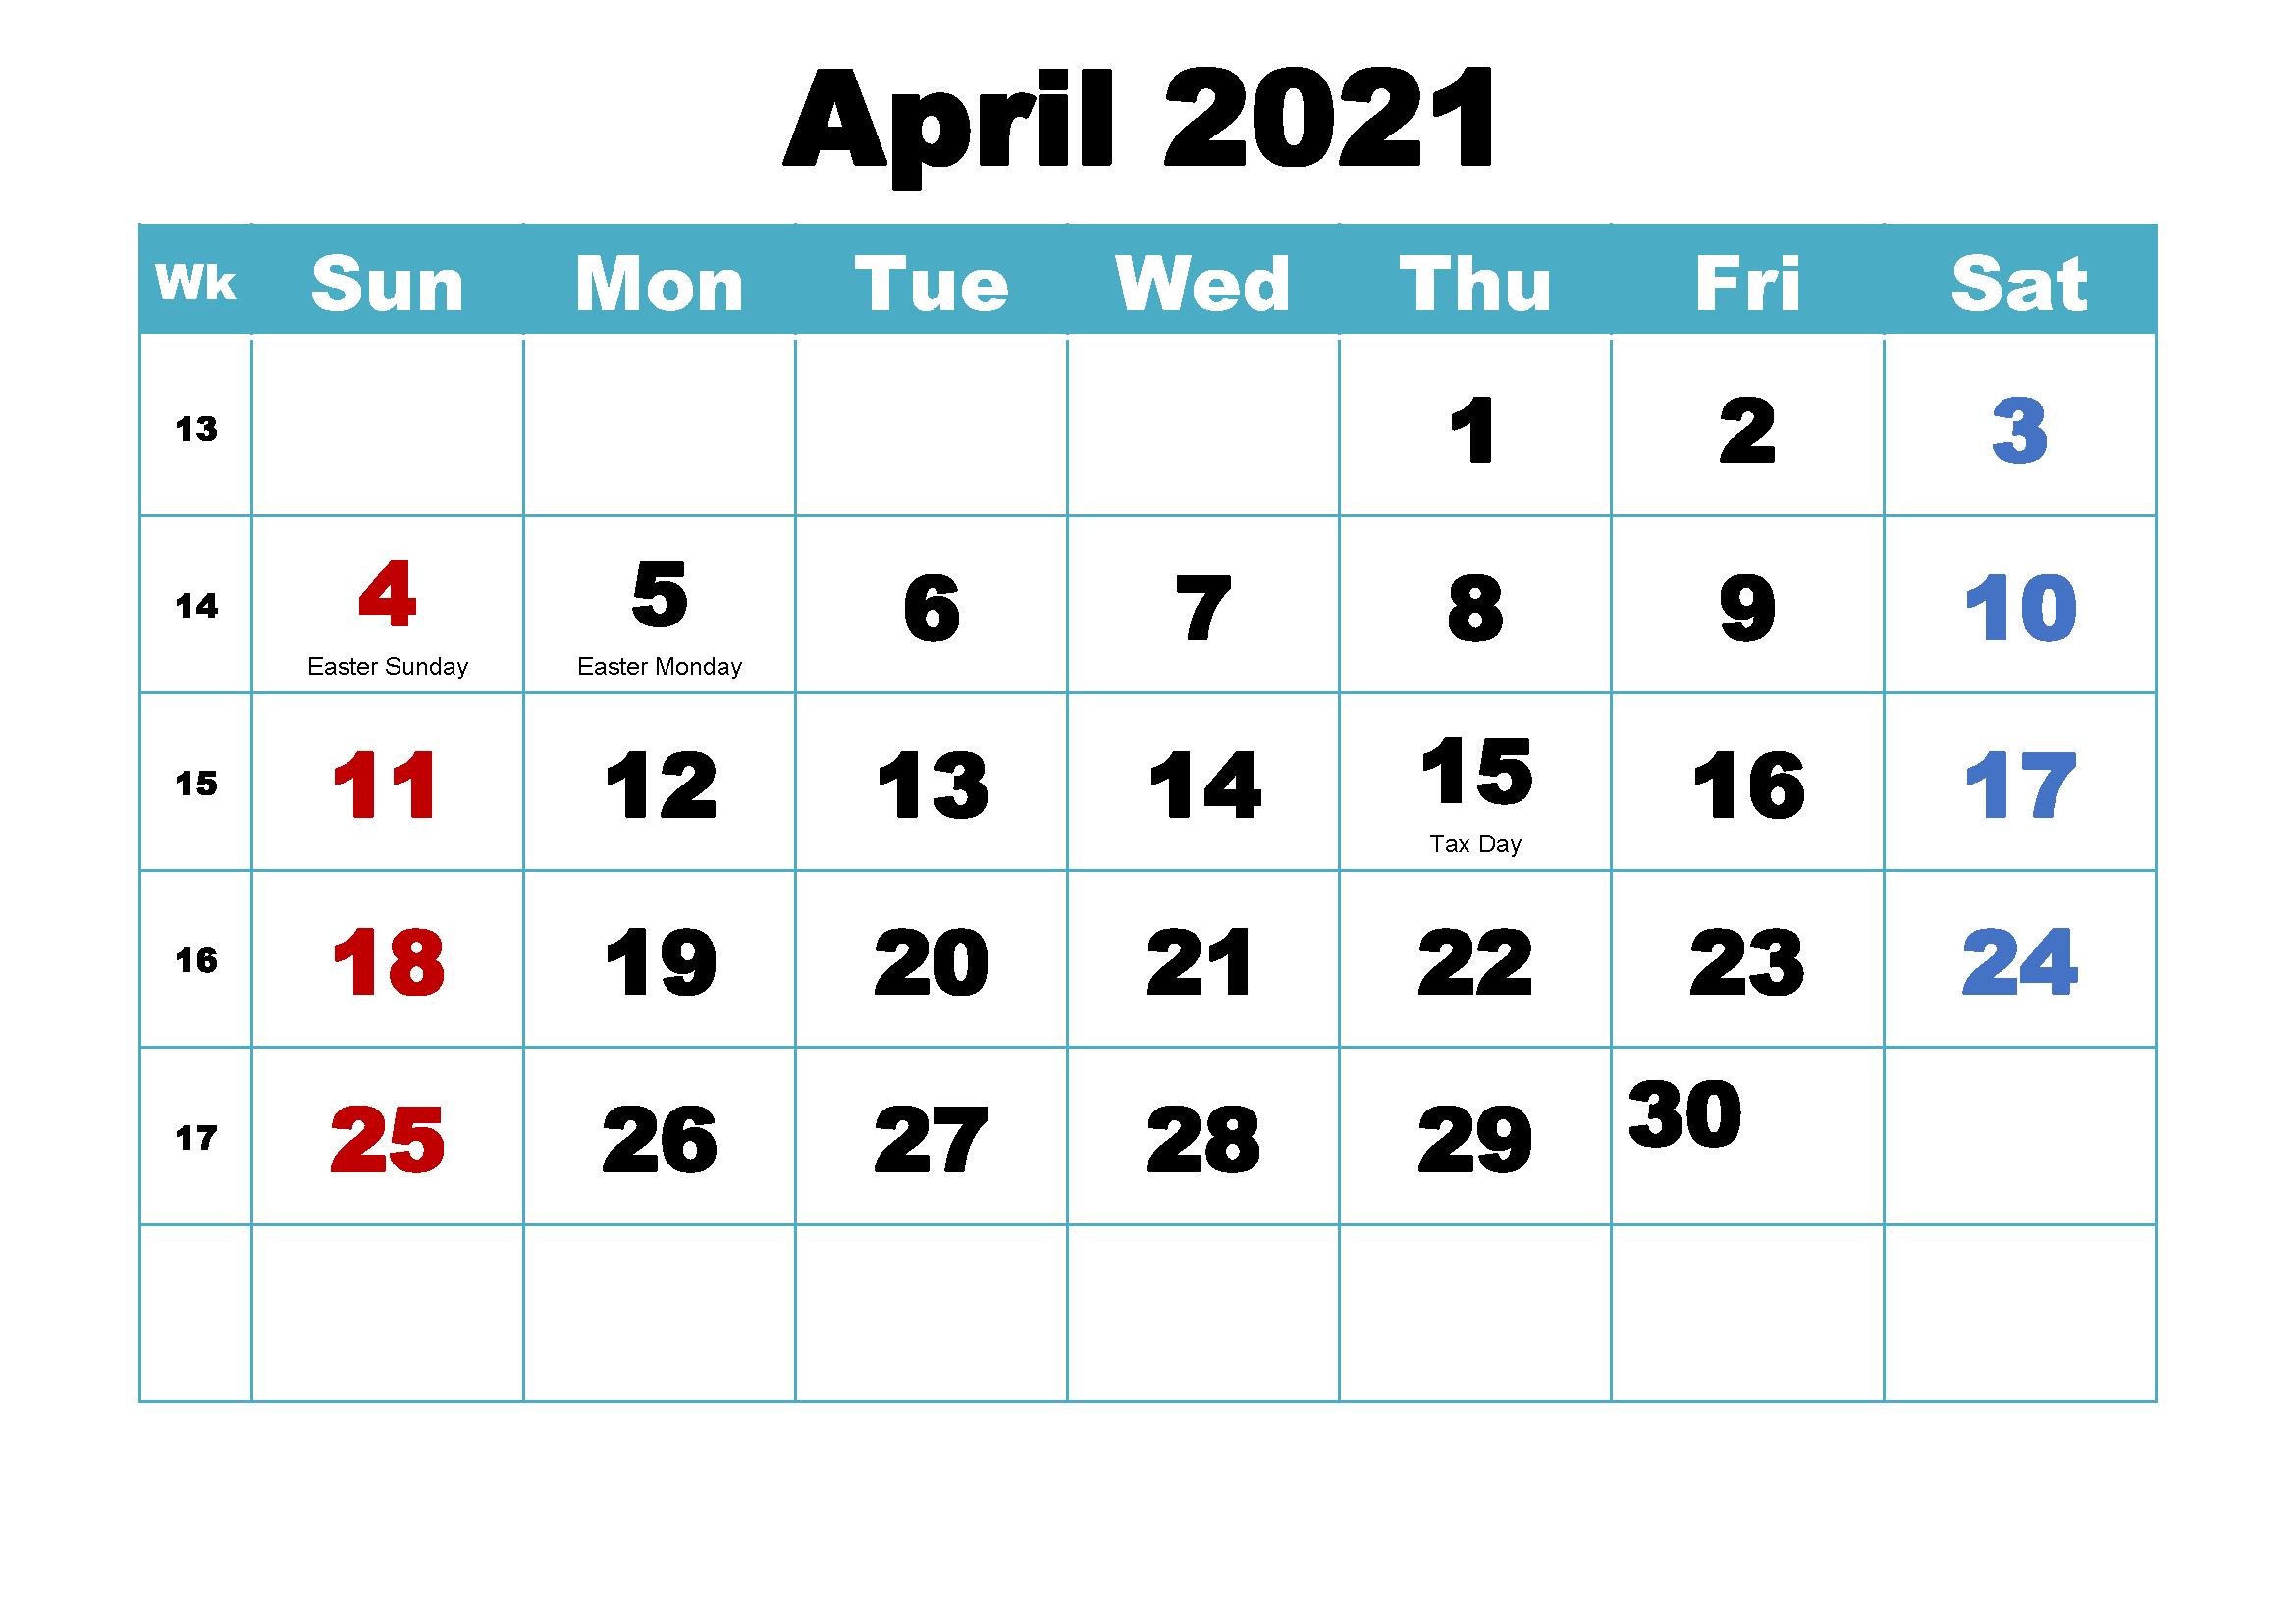 April 2021 Holidays Calendar Sheet